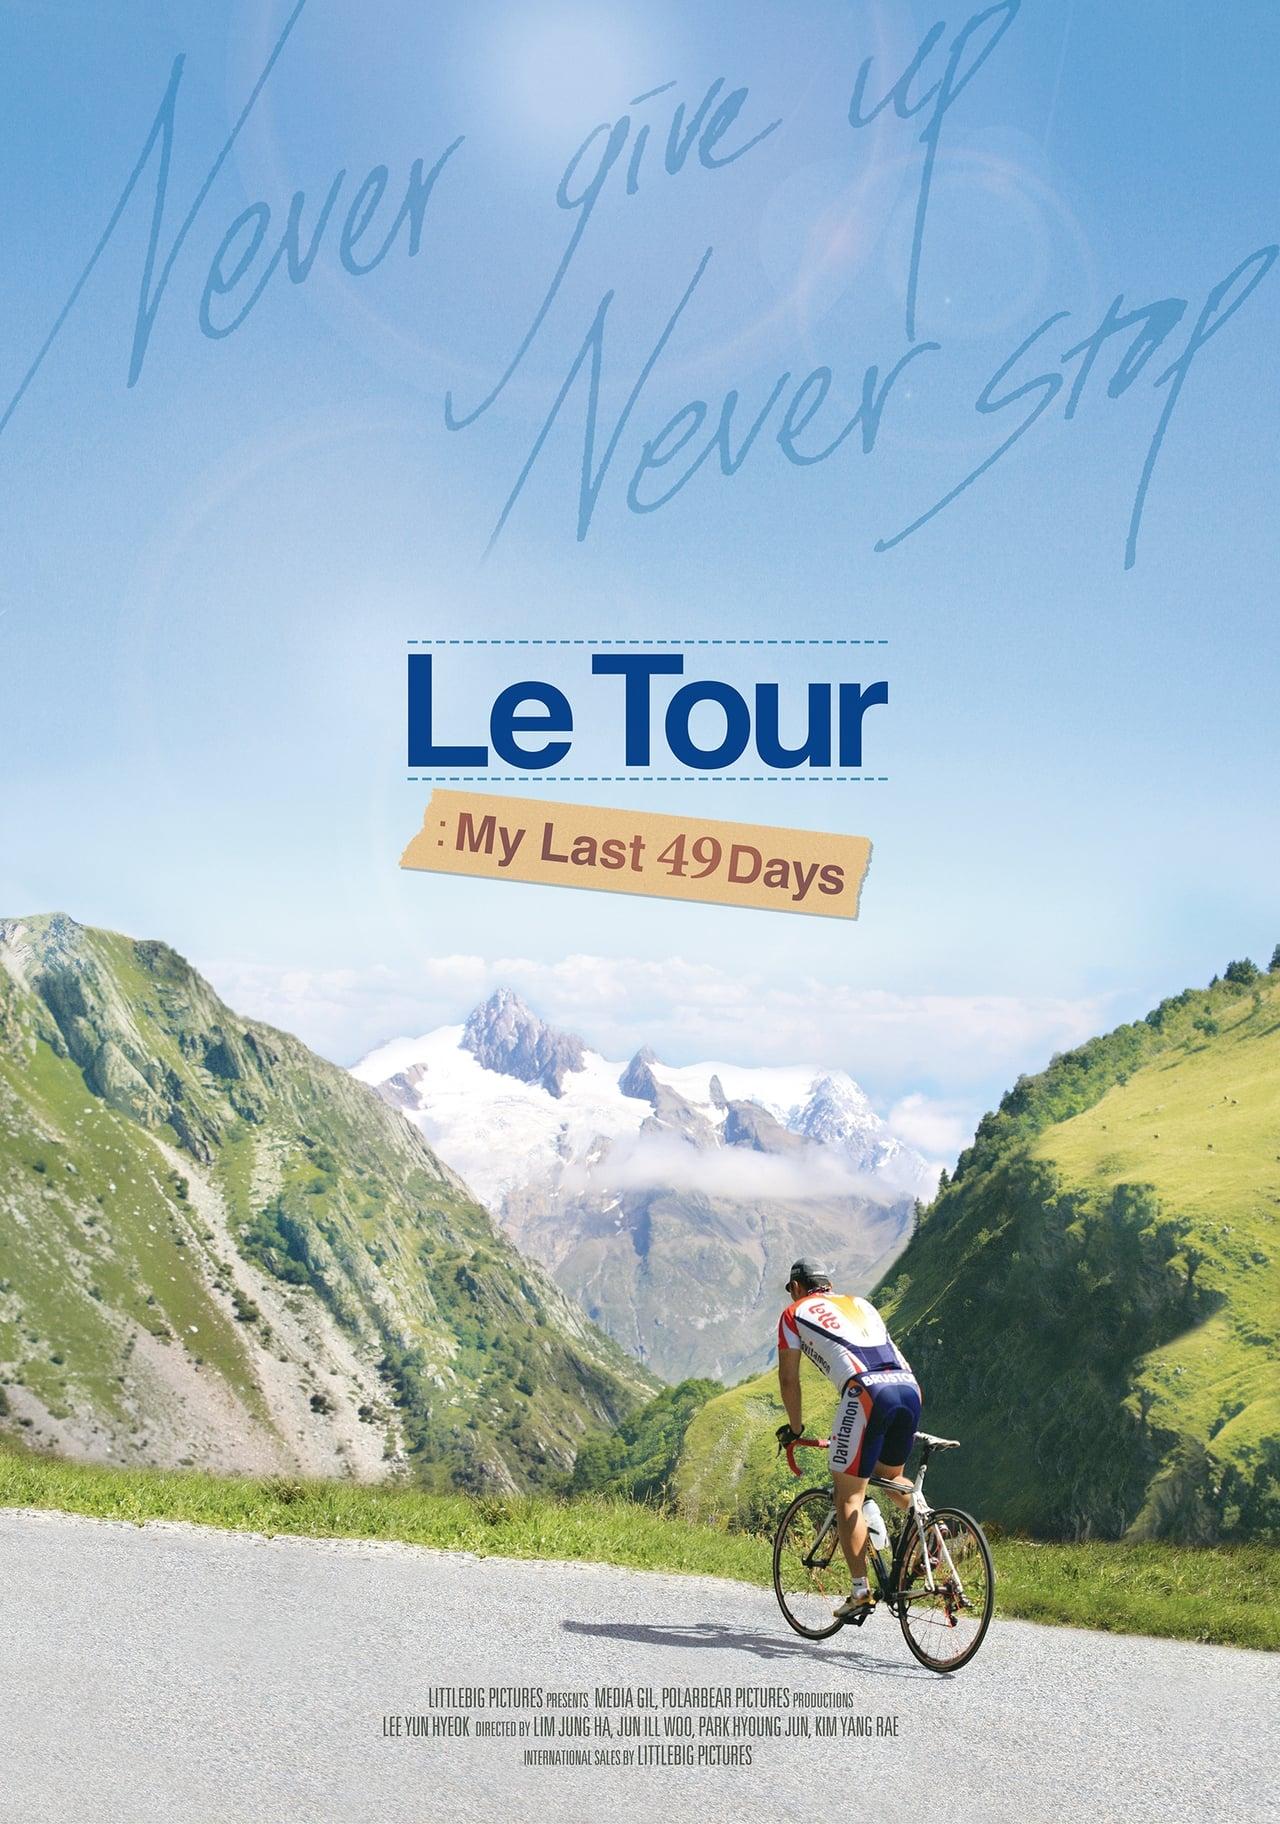 Le Tour: My Last 49 Days